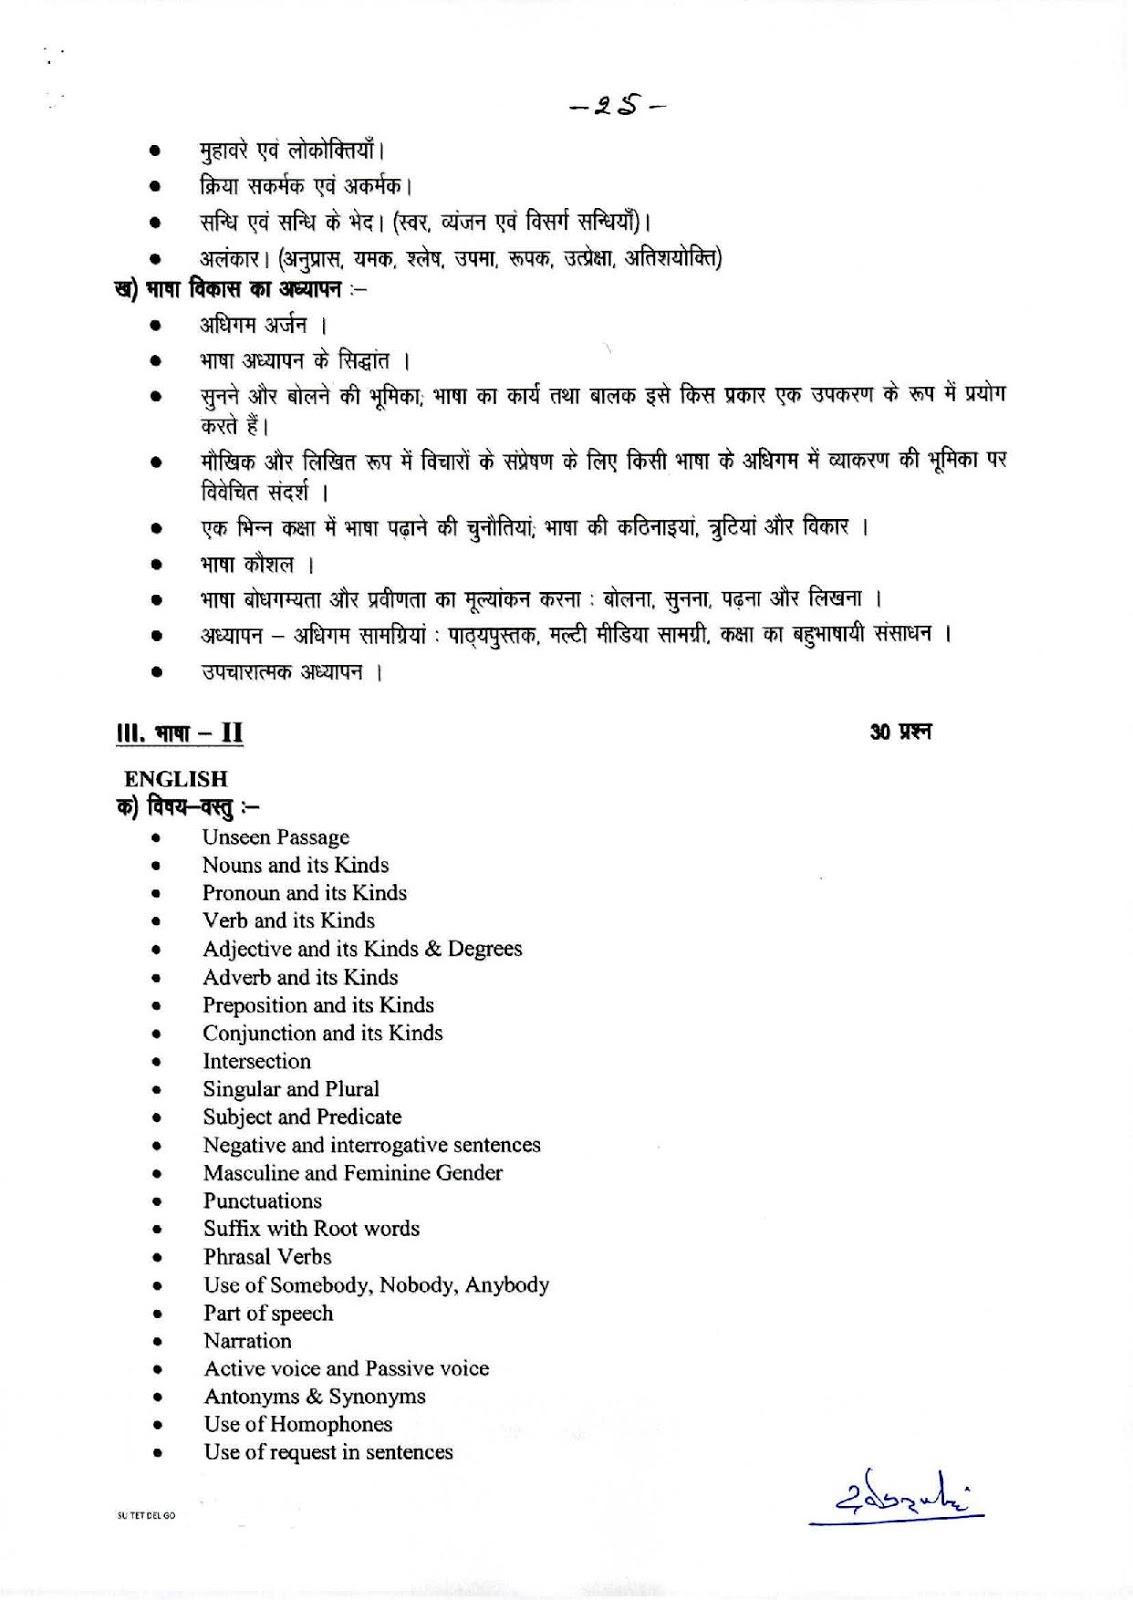 उच्च प्राथमिक पेपर-II (कक्षा 6 से 8 तक) पाठ्यक्रम देखे -3